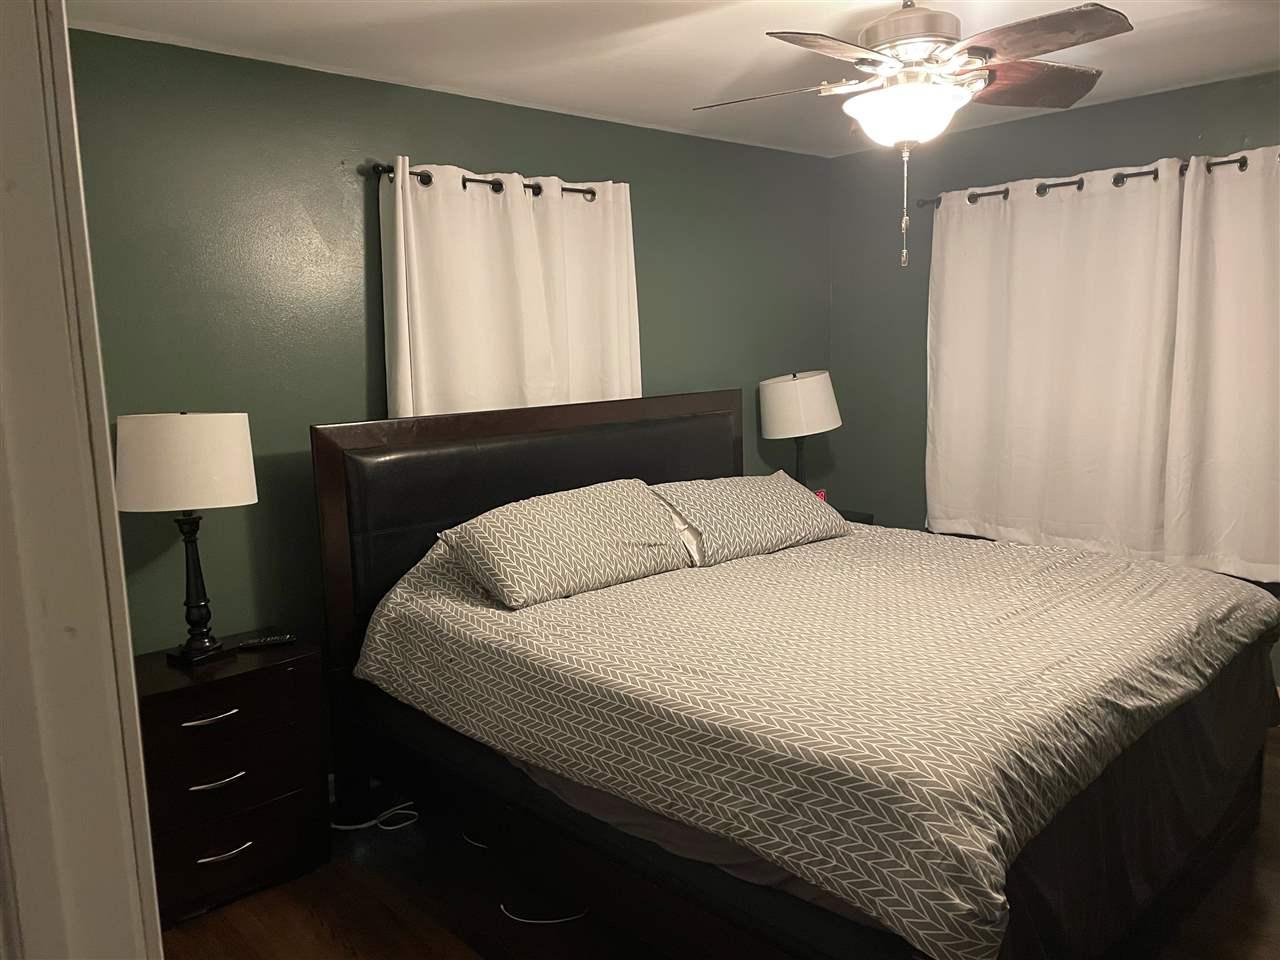 1443 Buena Vista Dr, Sun Prairie, Wisconsin 53590, 4 Bedrooms Bedrooms, ,2 BathroomsBathrooms,Single Family,For Sale,1443 Buena Vista Dr,1,1907379